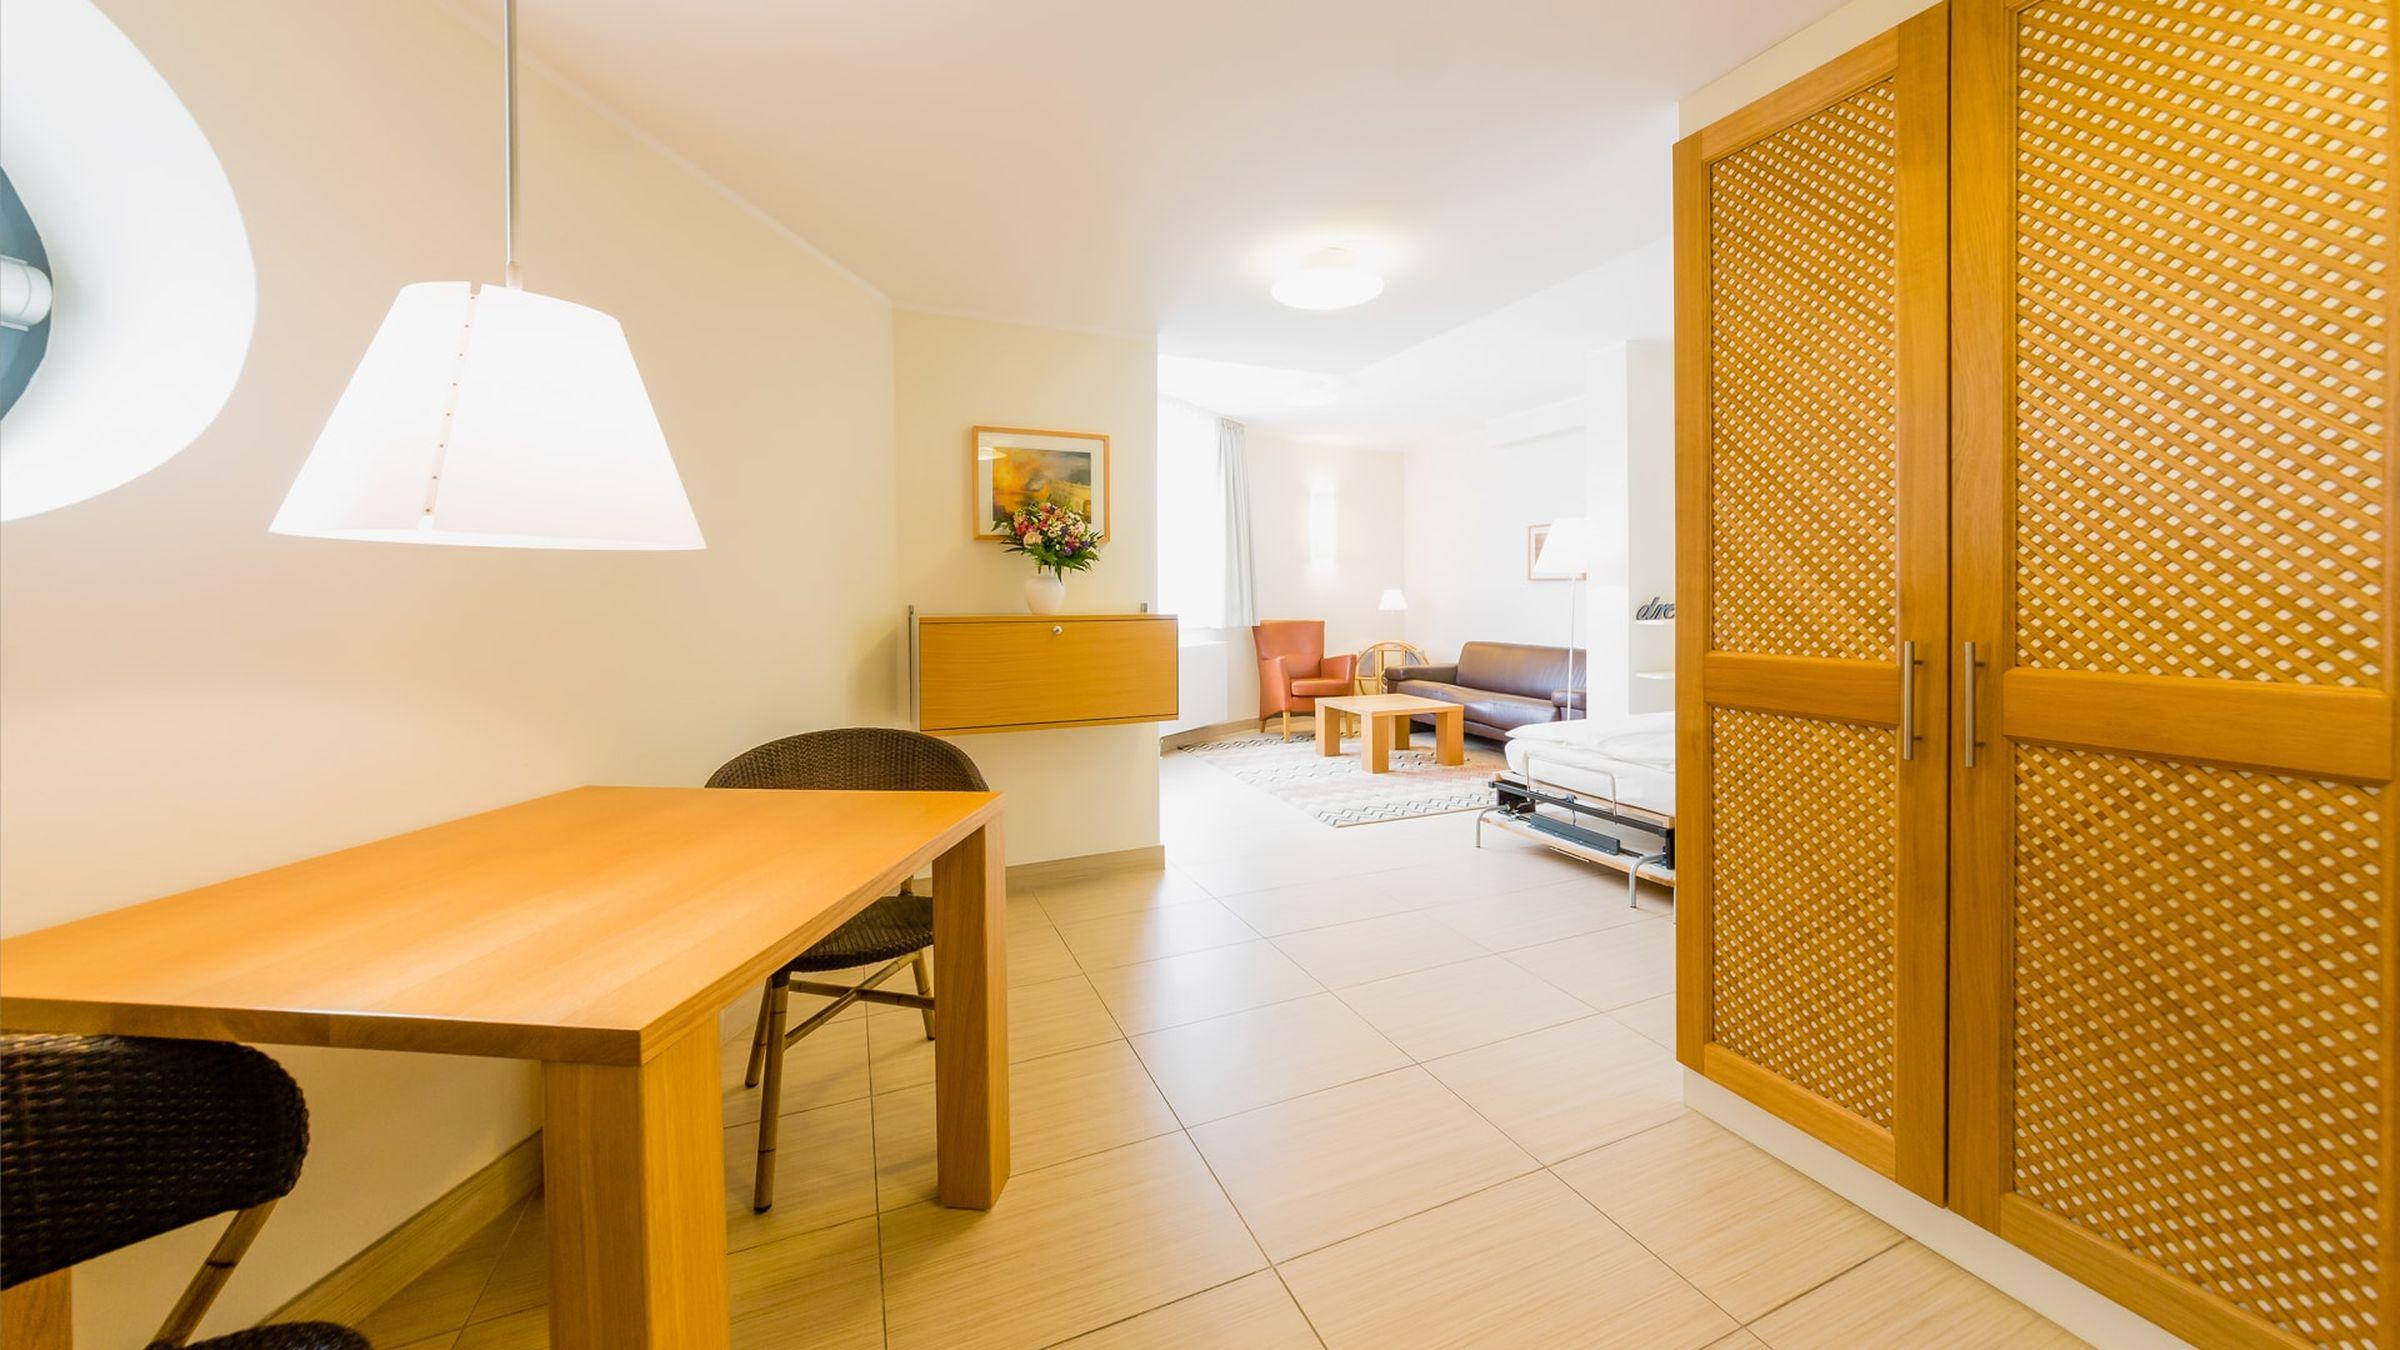 Villa Nordsee Norderney Ferienwohnung Typ D 42qm 1 Schlafzimmer max 2 Personen